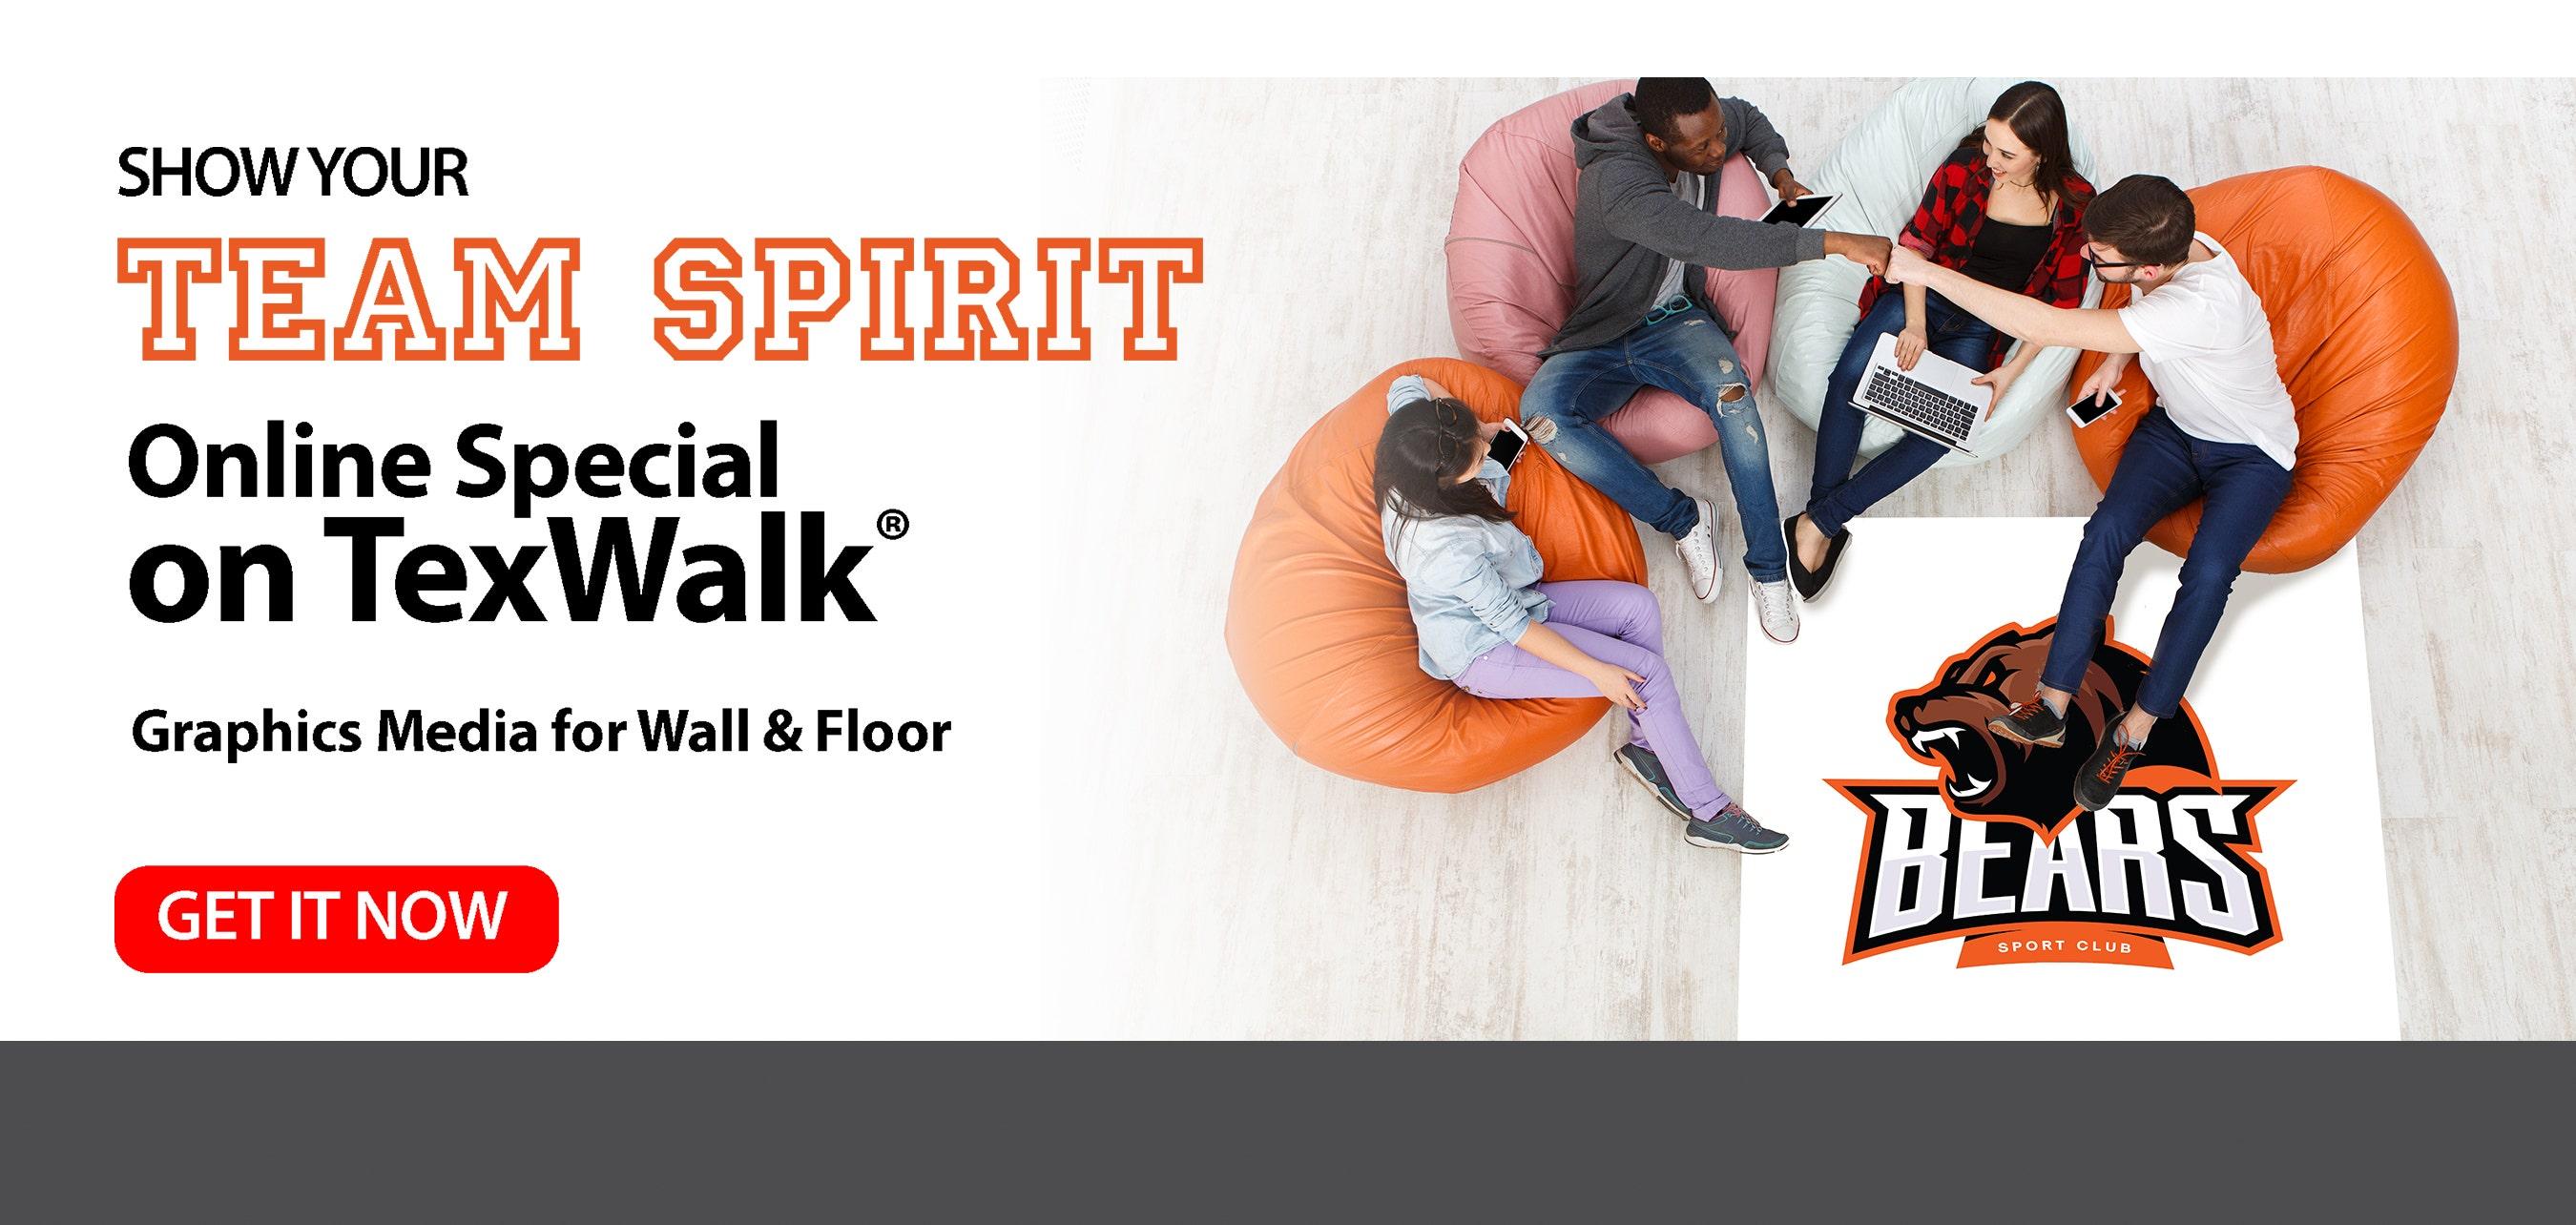 Team Spirit TexWalk